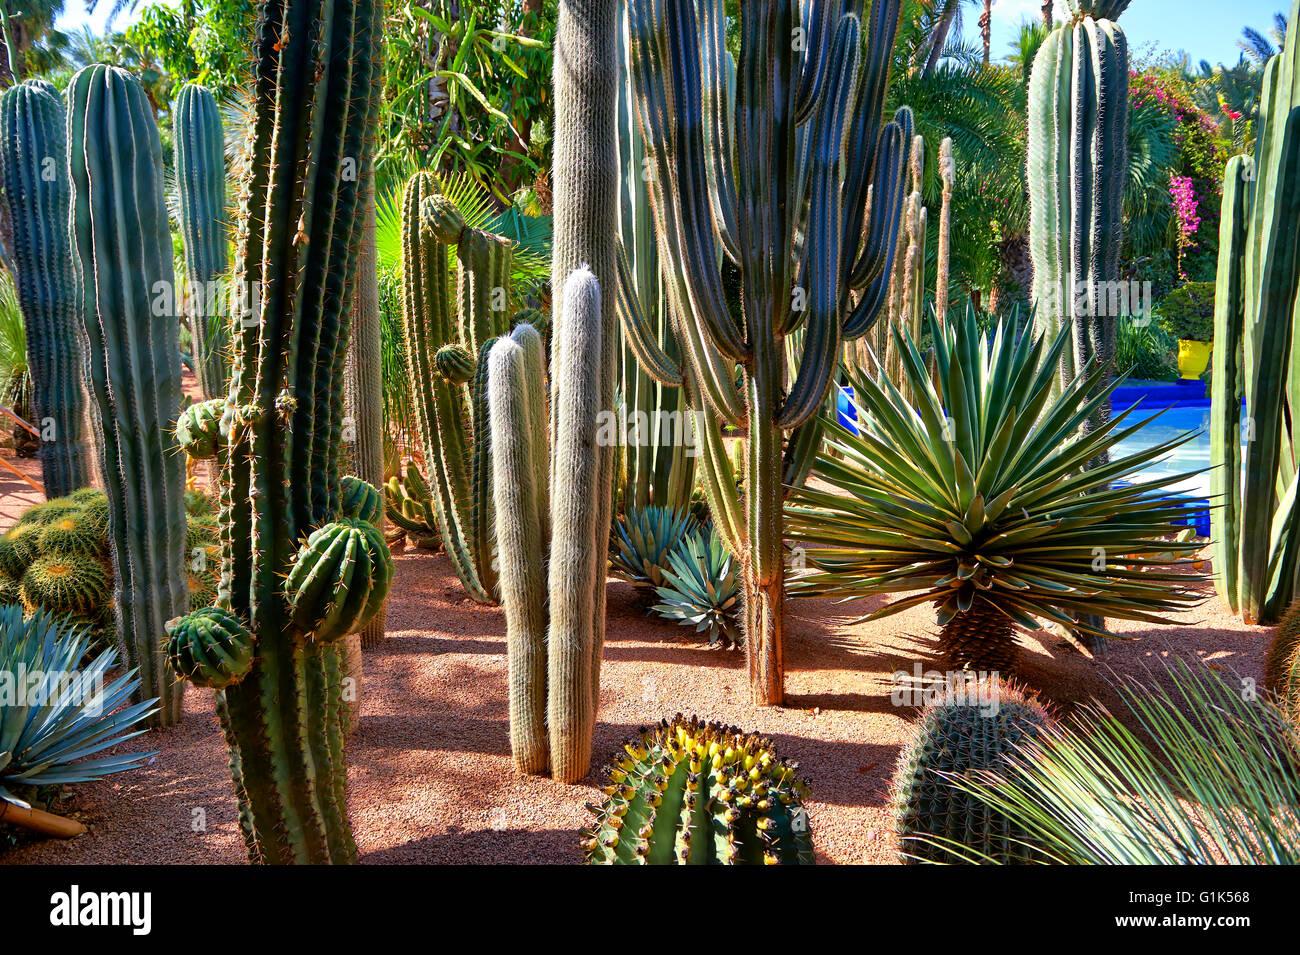 Catus nel Giardino Majorelle Giardino botanico progettato dall artista francese Jacques Majorelle negli anni venti Immagini Stock